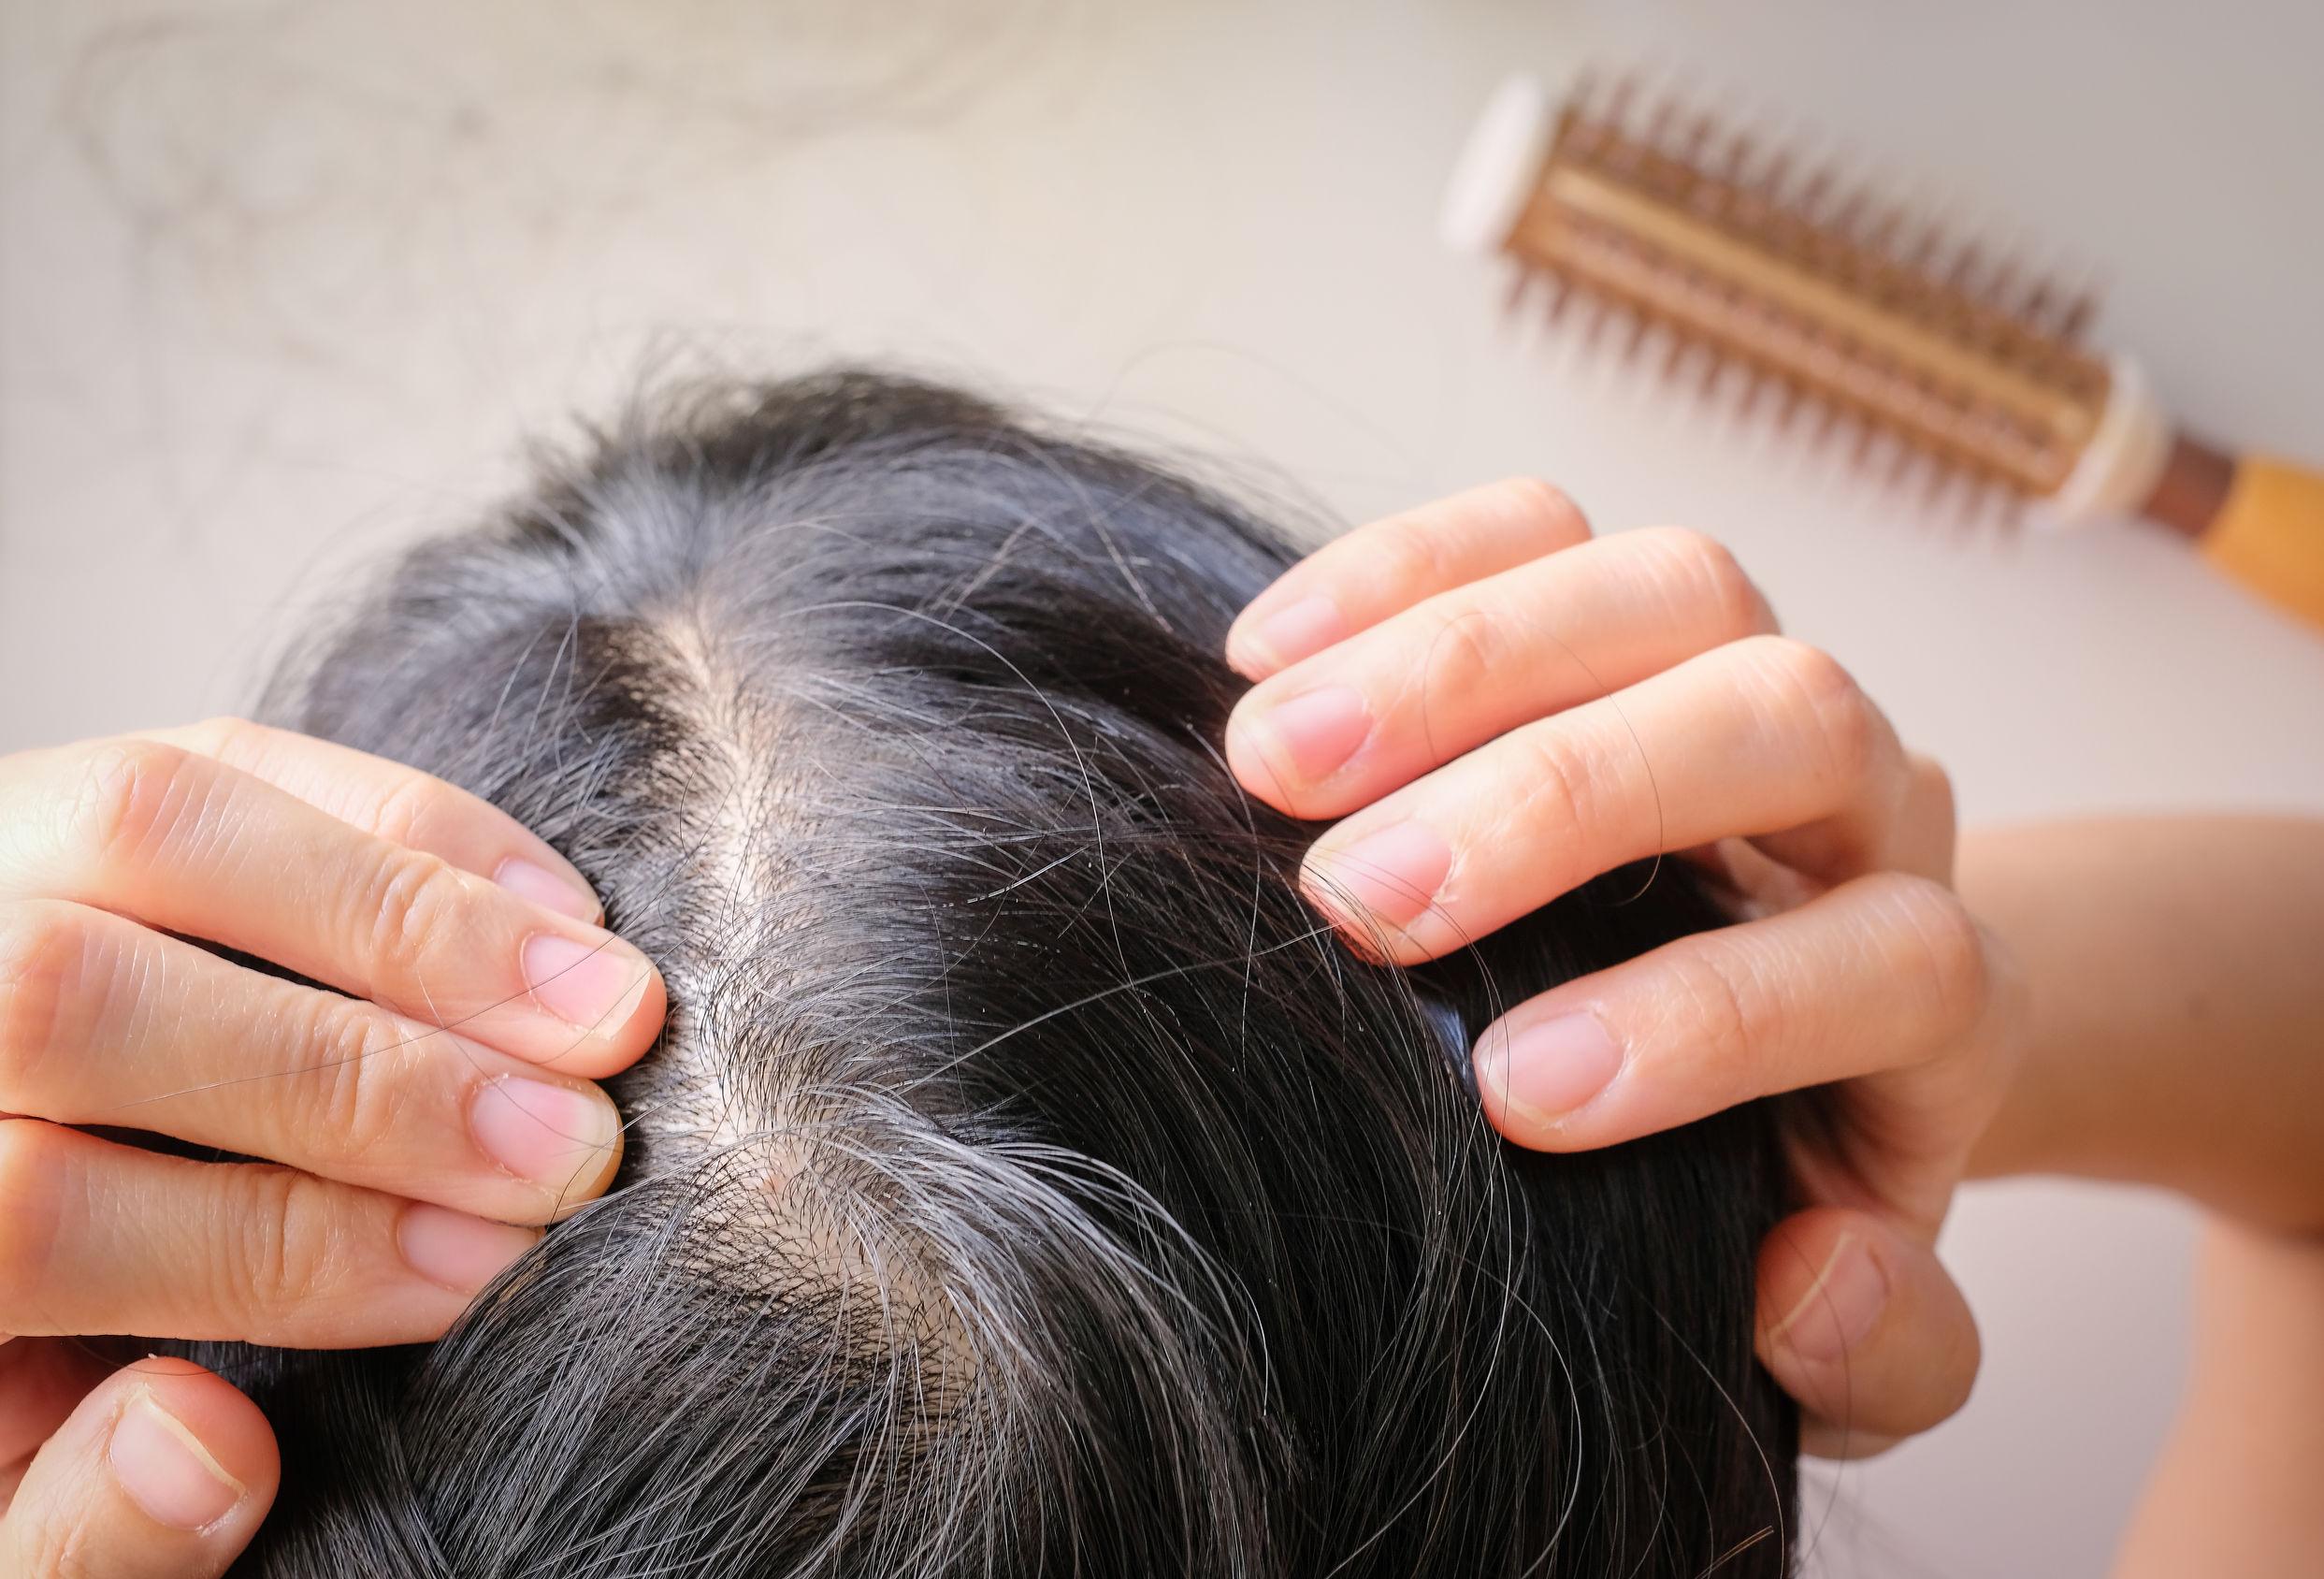 Astaxanthin bei Haarausfall: Die wichtigsten Fragen und Antworten